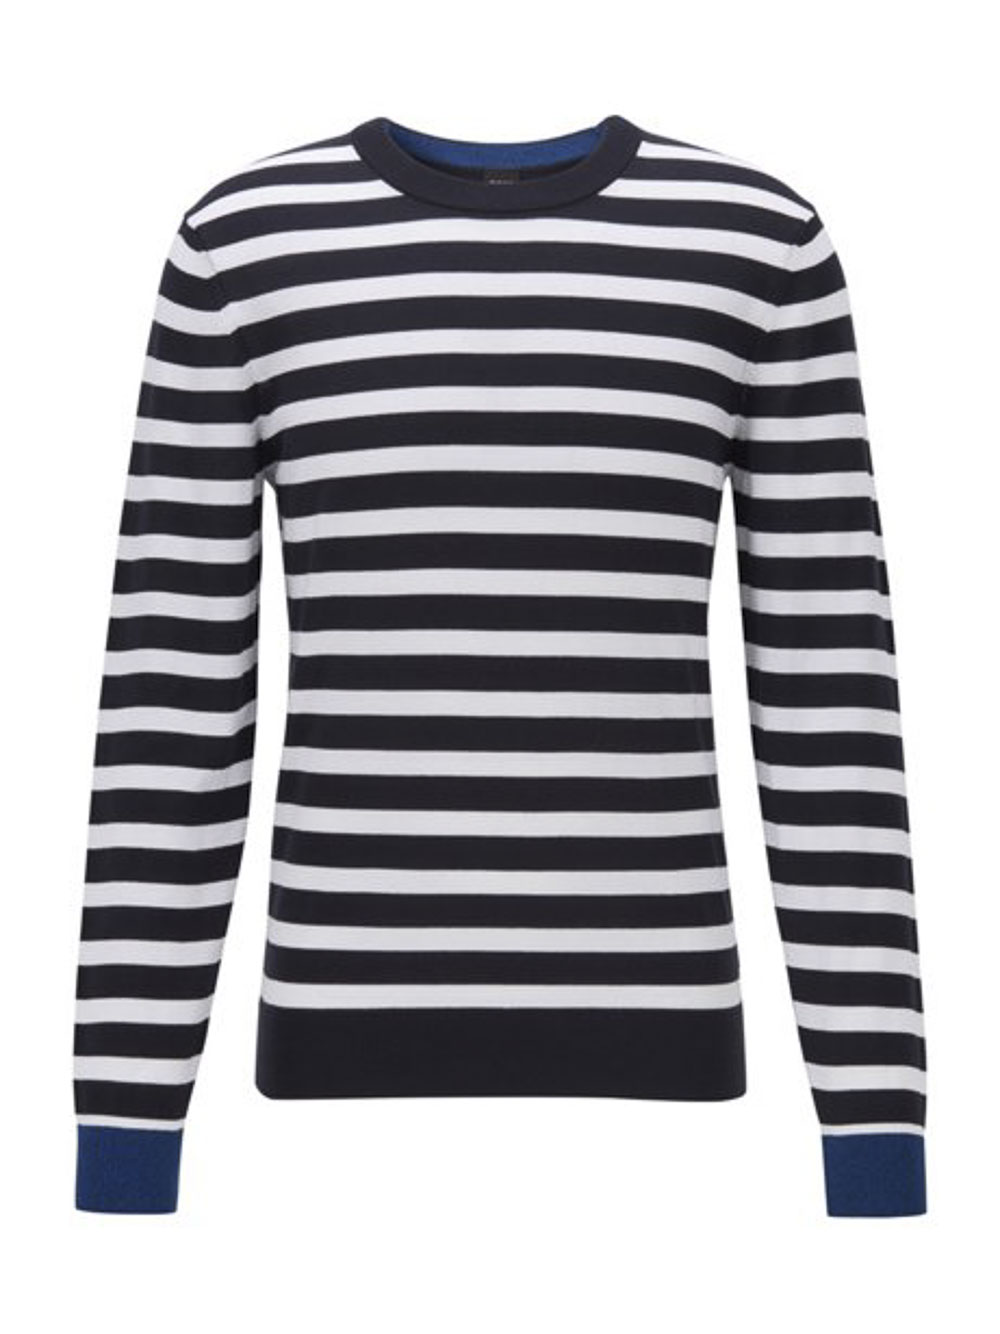 BOSS Μπλούζα T-Shirt 50425573-402 ΡΙΓΕ ΜΠΛΕ